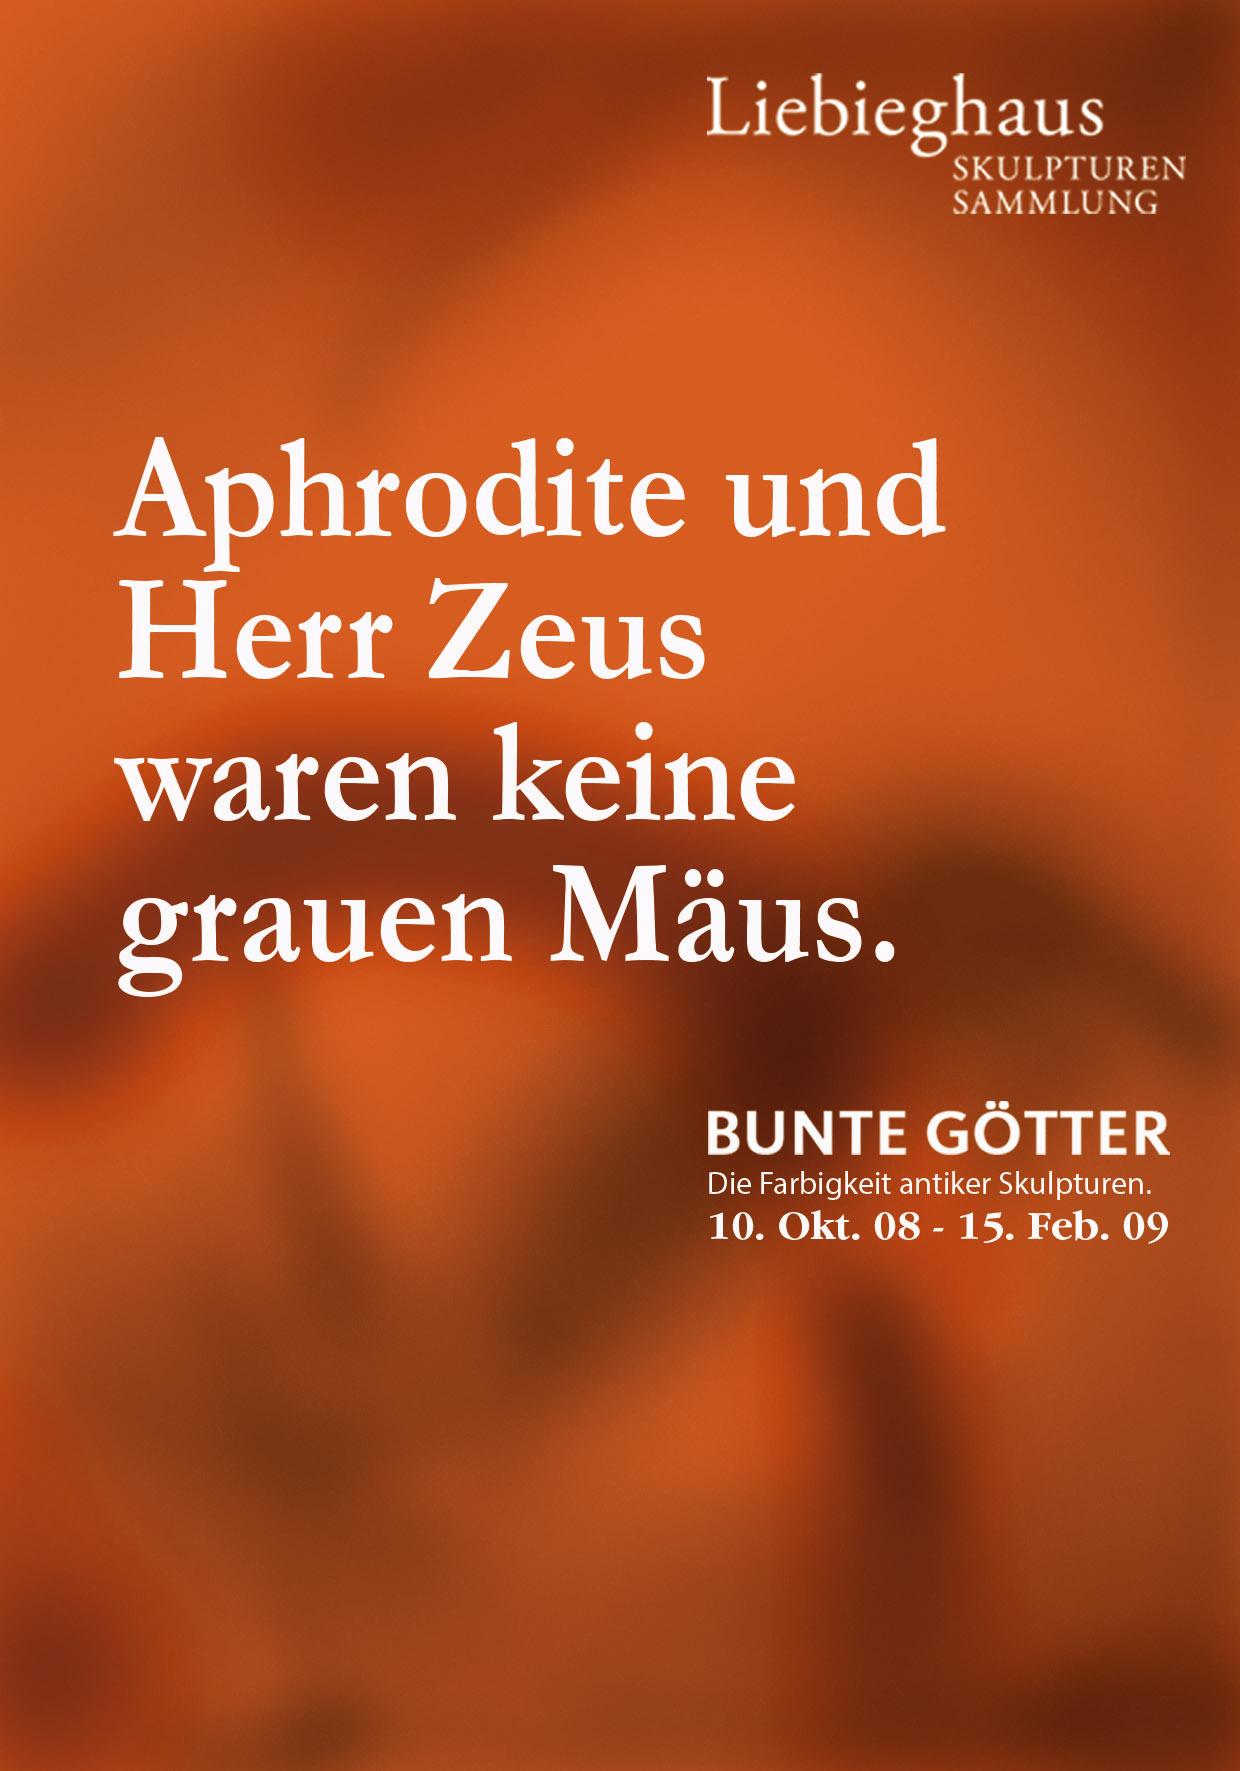 ek_graue-maeus2